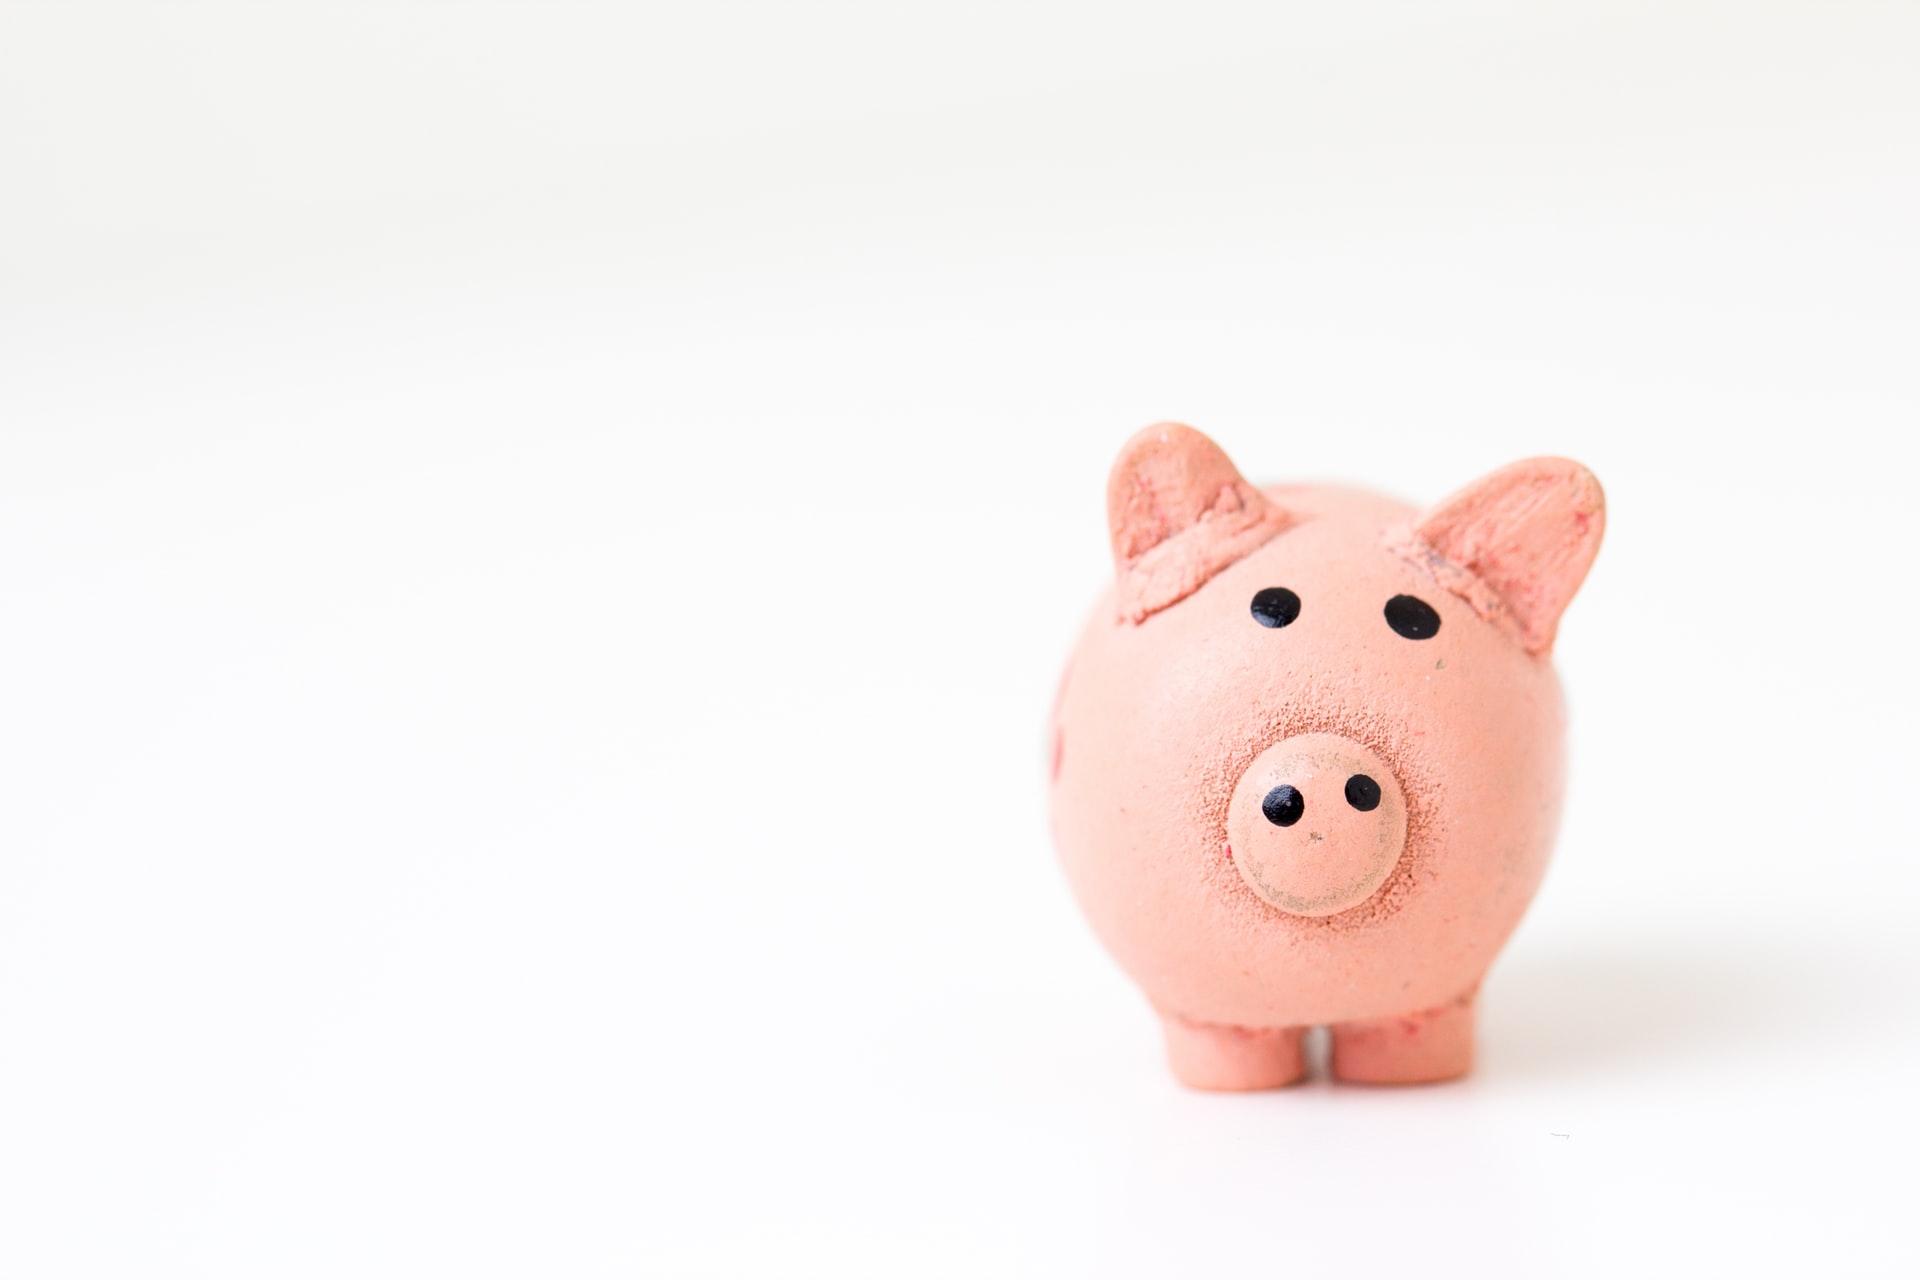 Salario emocional: qué es y por qué debes ofrecerlo